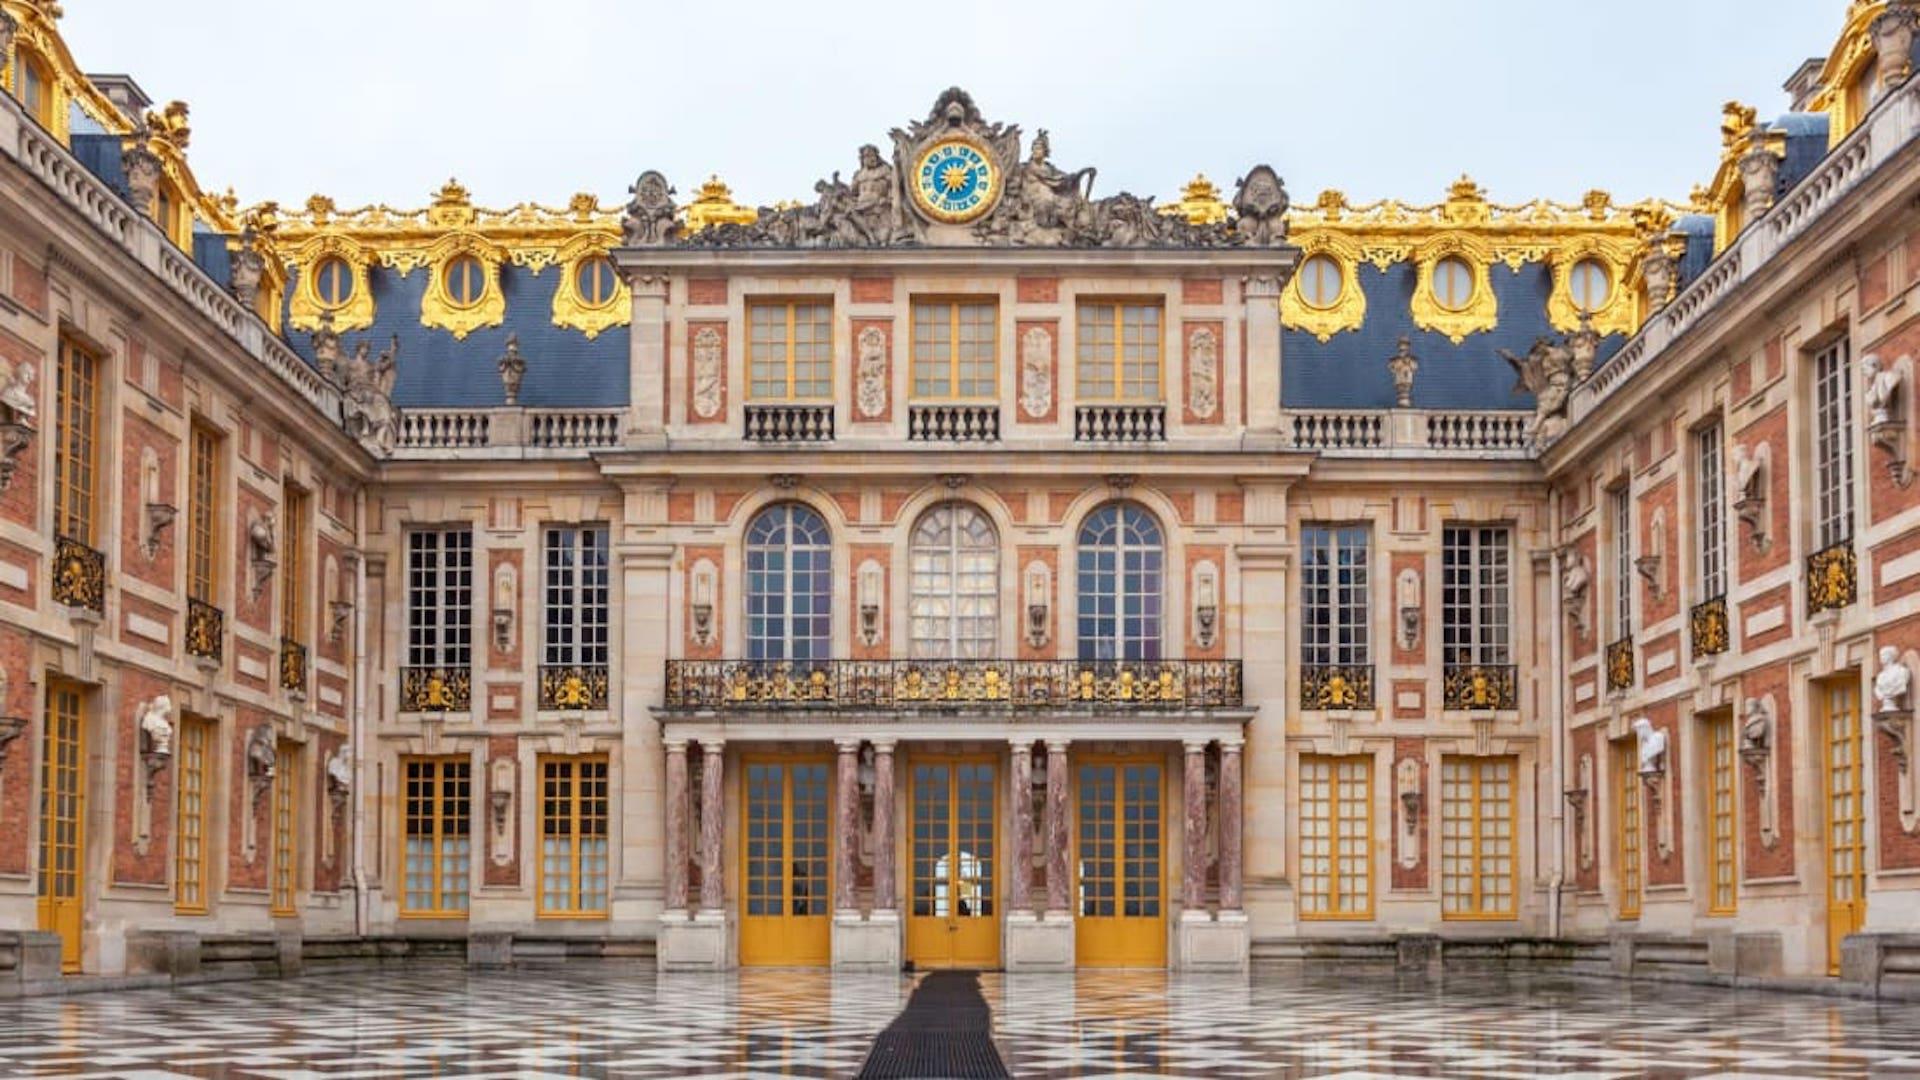 El Palacio de Versalles, en Francia, tendrá un hotel — Conocedores.com